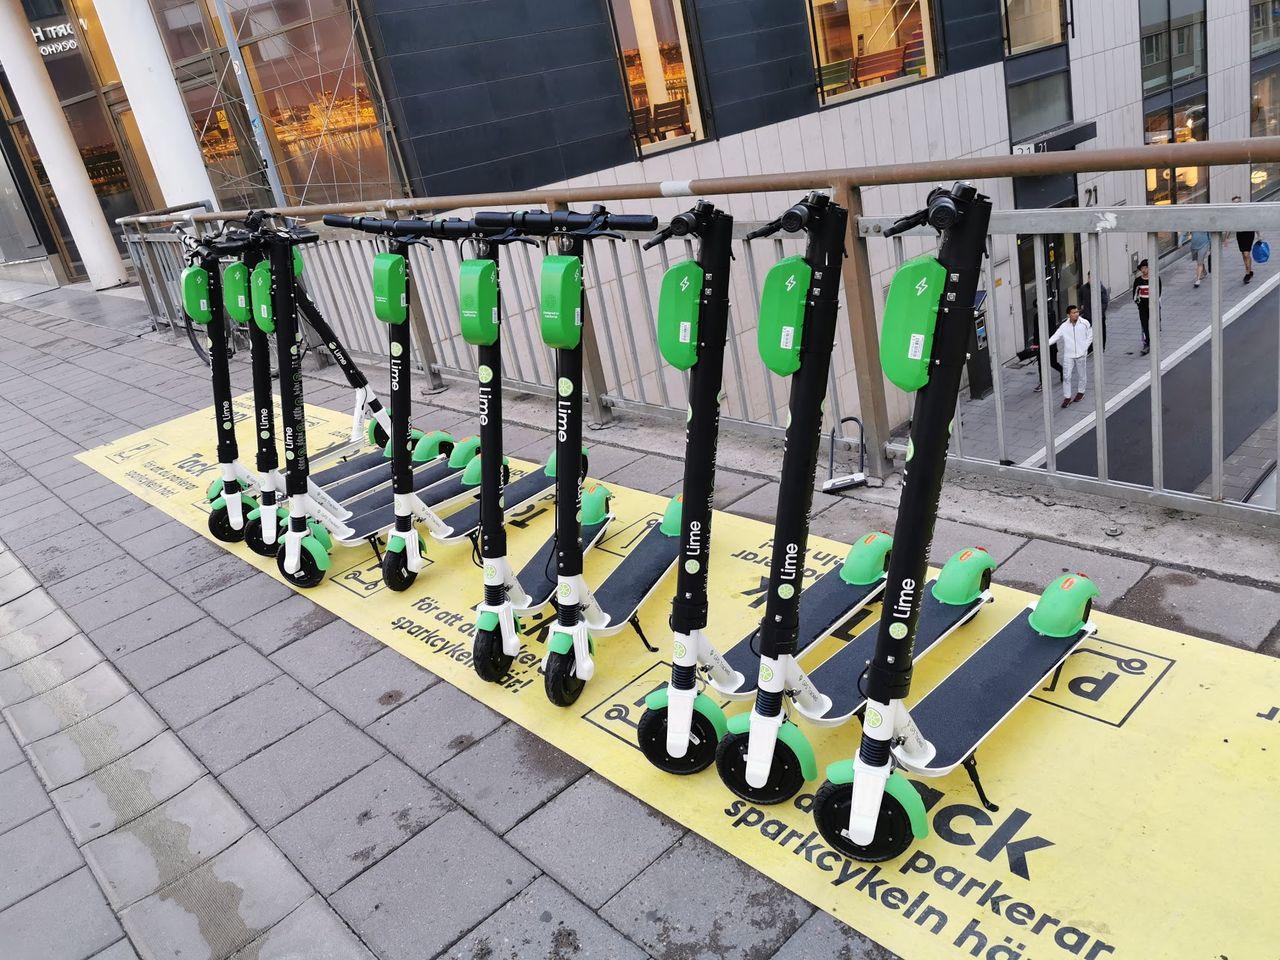 Nu har Stockholm börjat beslagta felparkerade elsparkcyklar